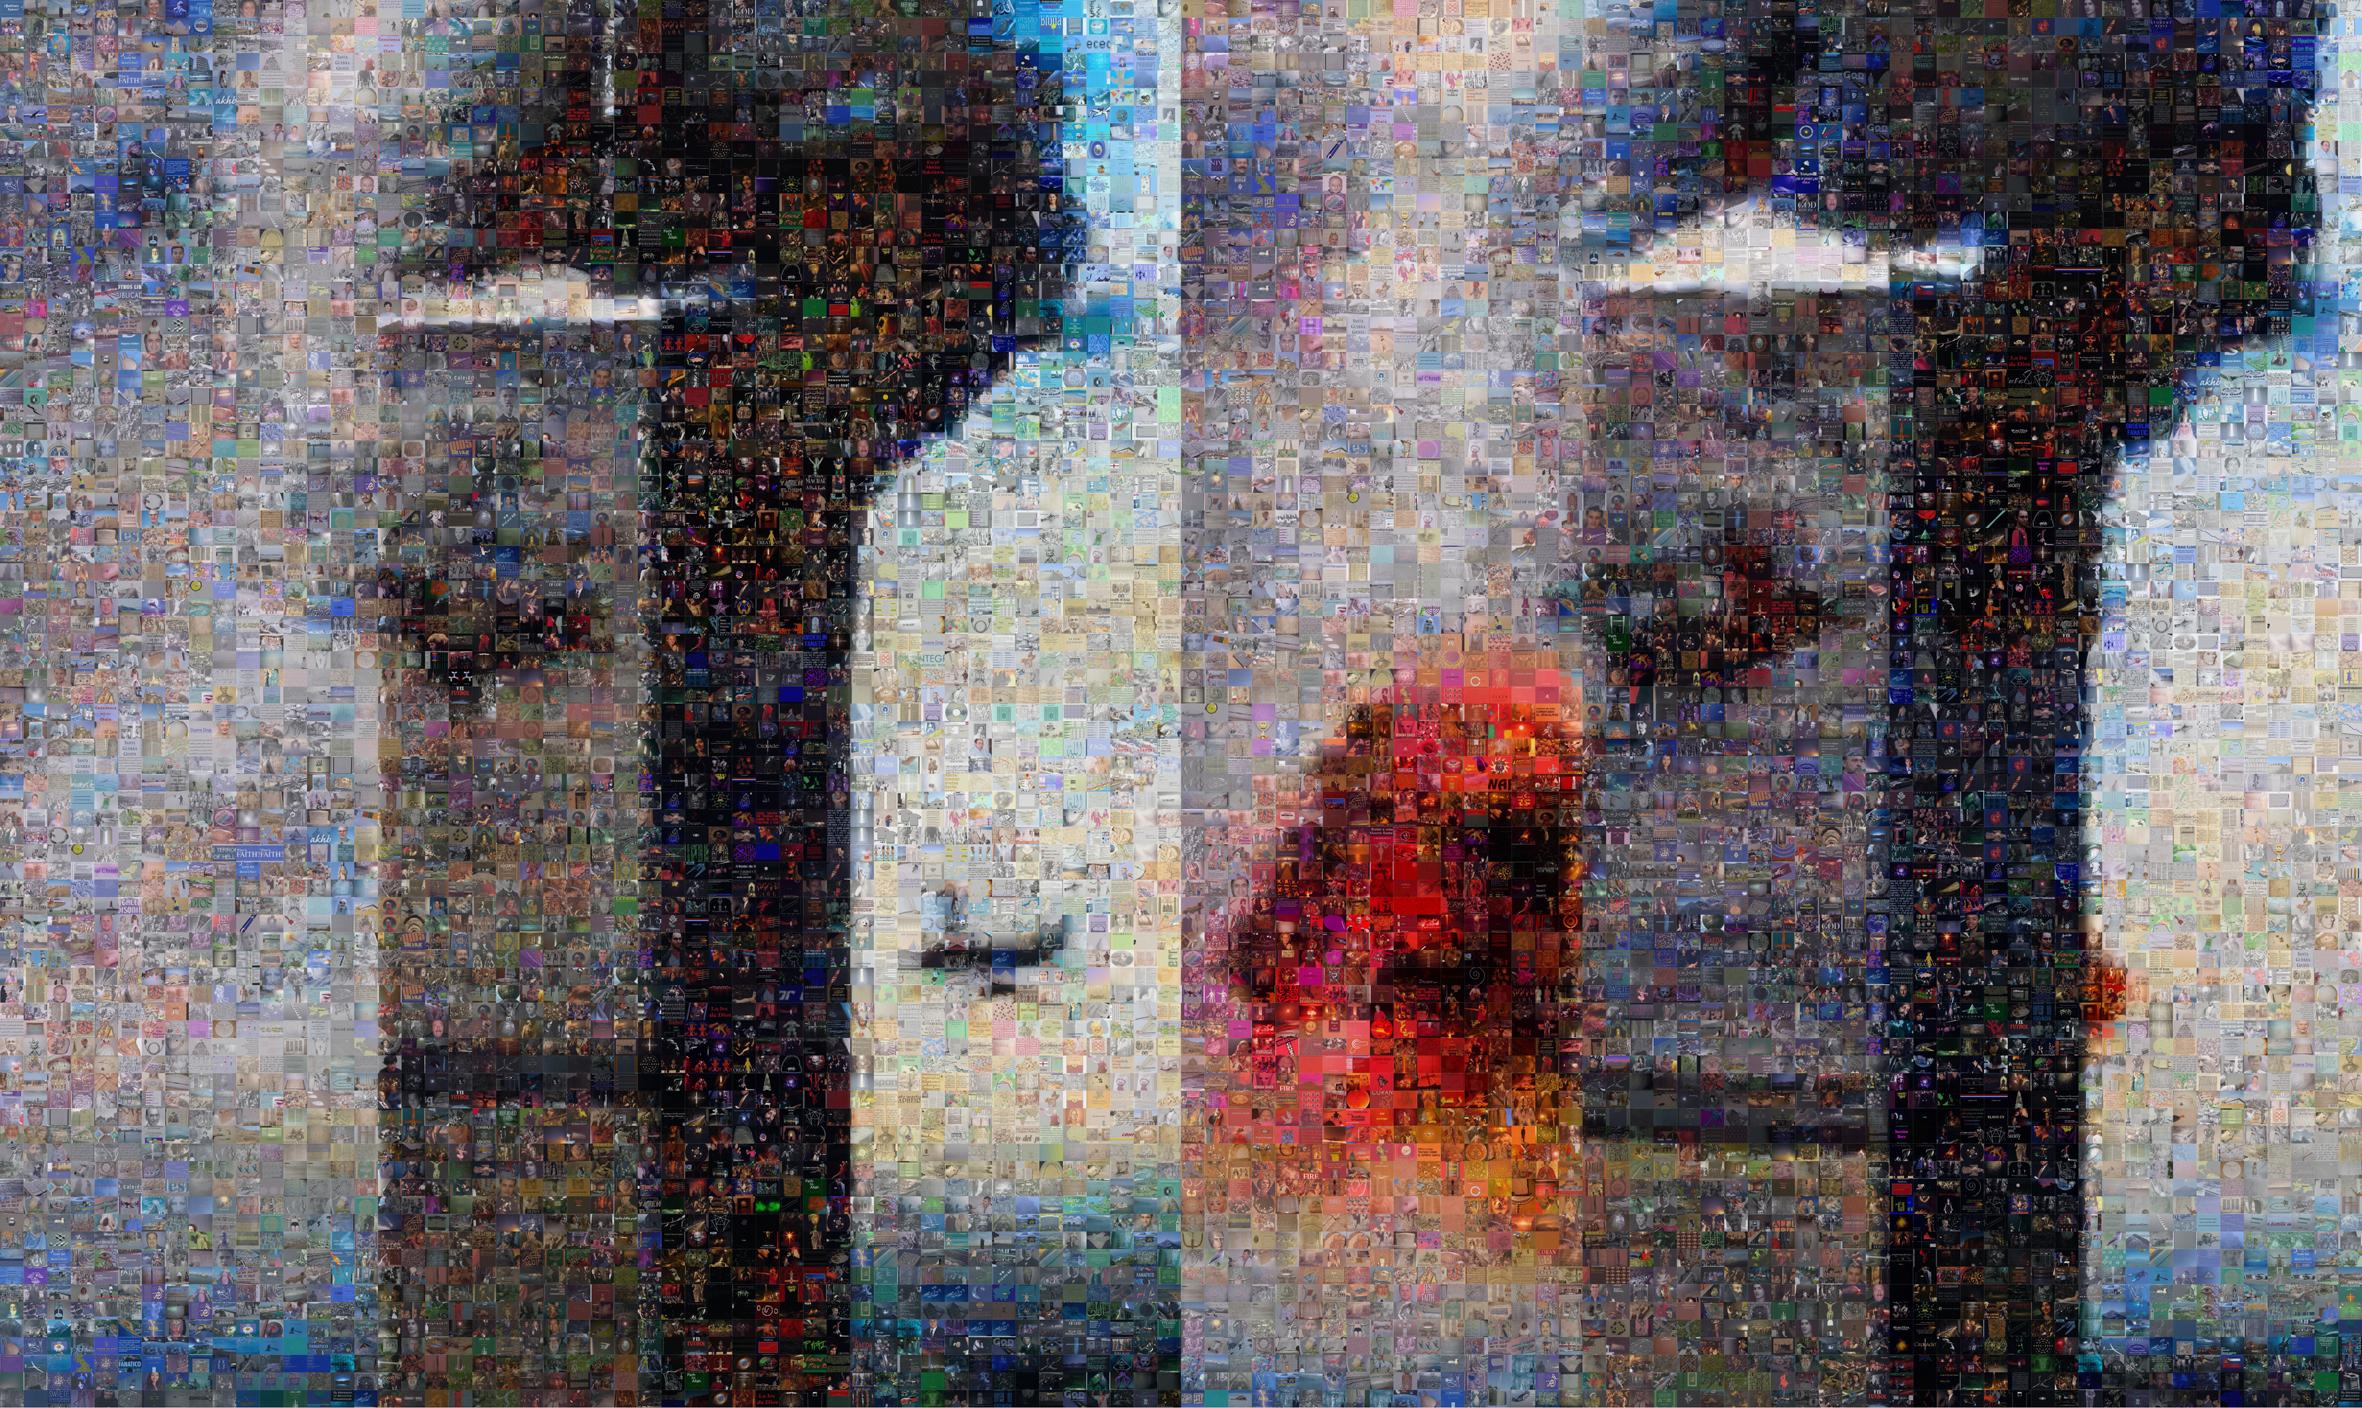 Joan Fontcuberta, GOOGLEGRAM: 11-S NY, 2005. Photos de la collision du 11 Septembre. Les photographies ont ÈtÈ reconstruites avec Photomosaic, un logiciel gratuit liÈ ‡ Google Image. Le rÈsultat est une composition de 8 000 images tirÈs díInternet et qui correspondent ‡ la recherche des termes ´ God ª, ´ Yahve ª et ´ Allah ª. ------- Joan Fontcuberta, GOOGLEGRAM: 11-S NY, 2005. GOOGLEGRAM: 11-S NY, 2005. September 11 plane crash snapshots. The photographs have been refashioned using photomosaic freeware, linked to Googleís Image Search function. The final result is a composite of 8,000 images available on the Internet that responded to the words: ëGodí, ëYahveí and ëAllahí.